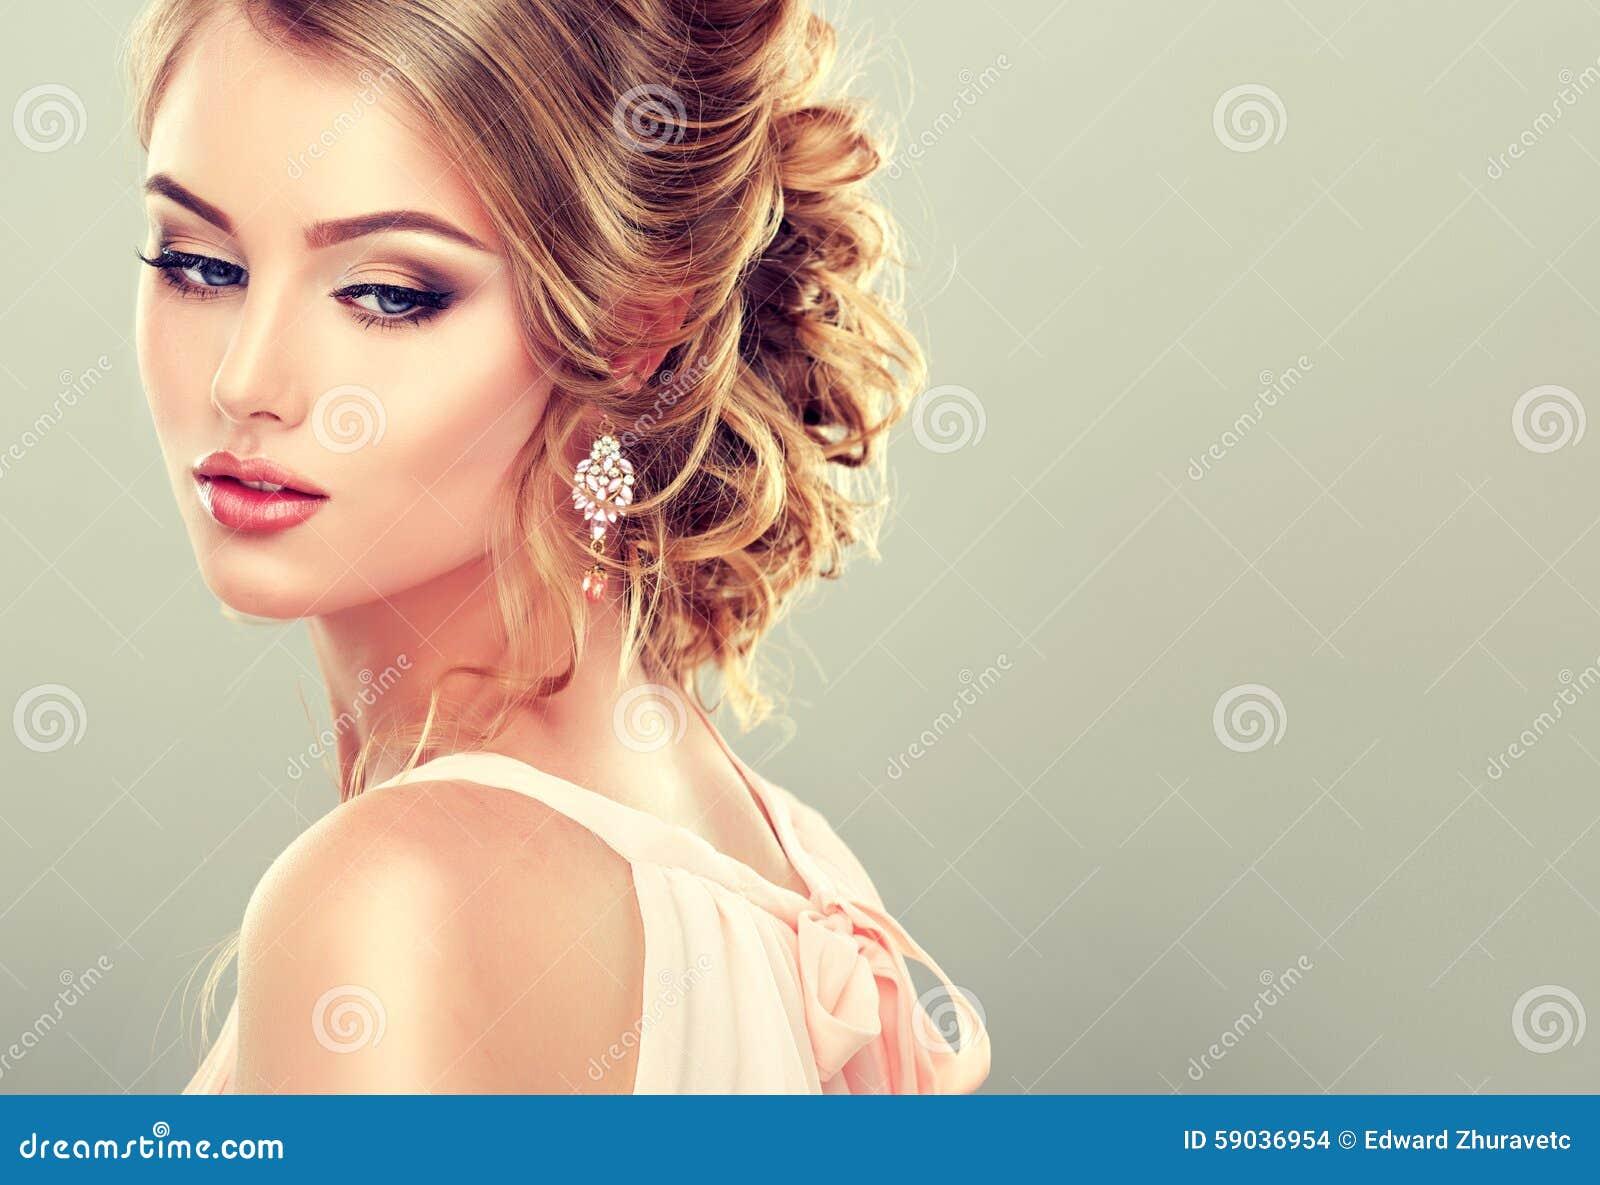 Смотреть красивые причёски для девушек